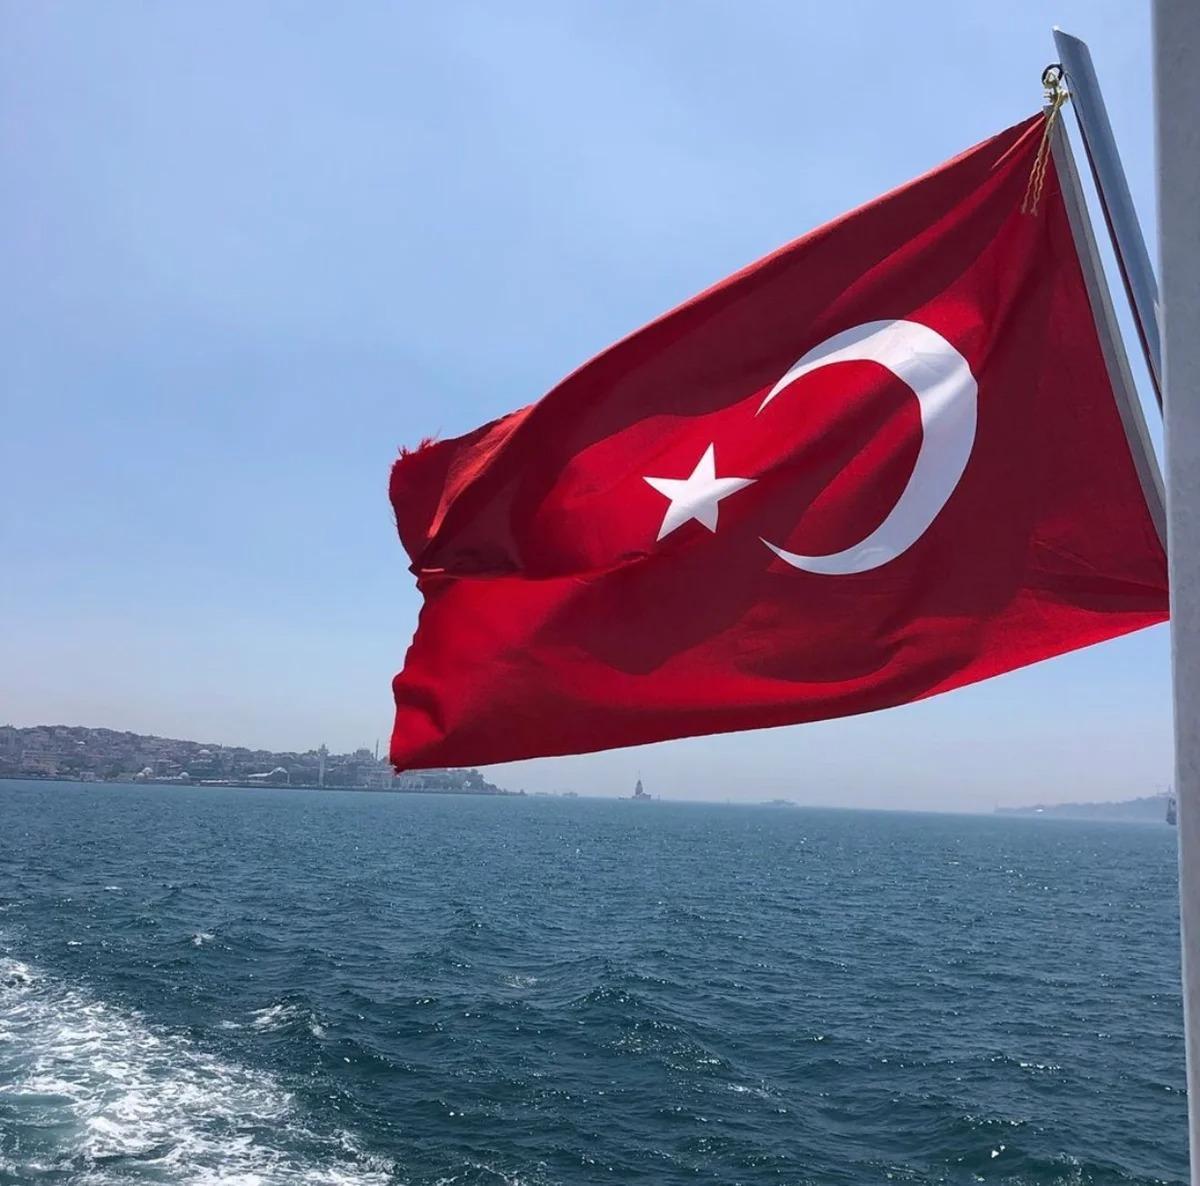 Турция без русских. Кемер: безлюдное побережье и пустые лежаки.